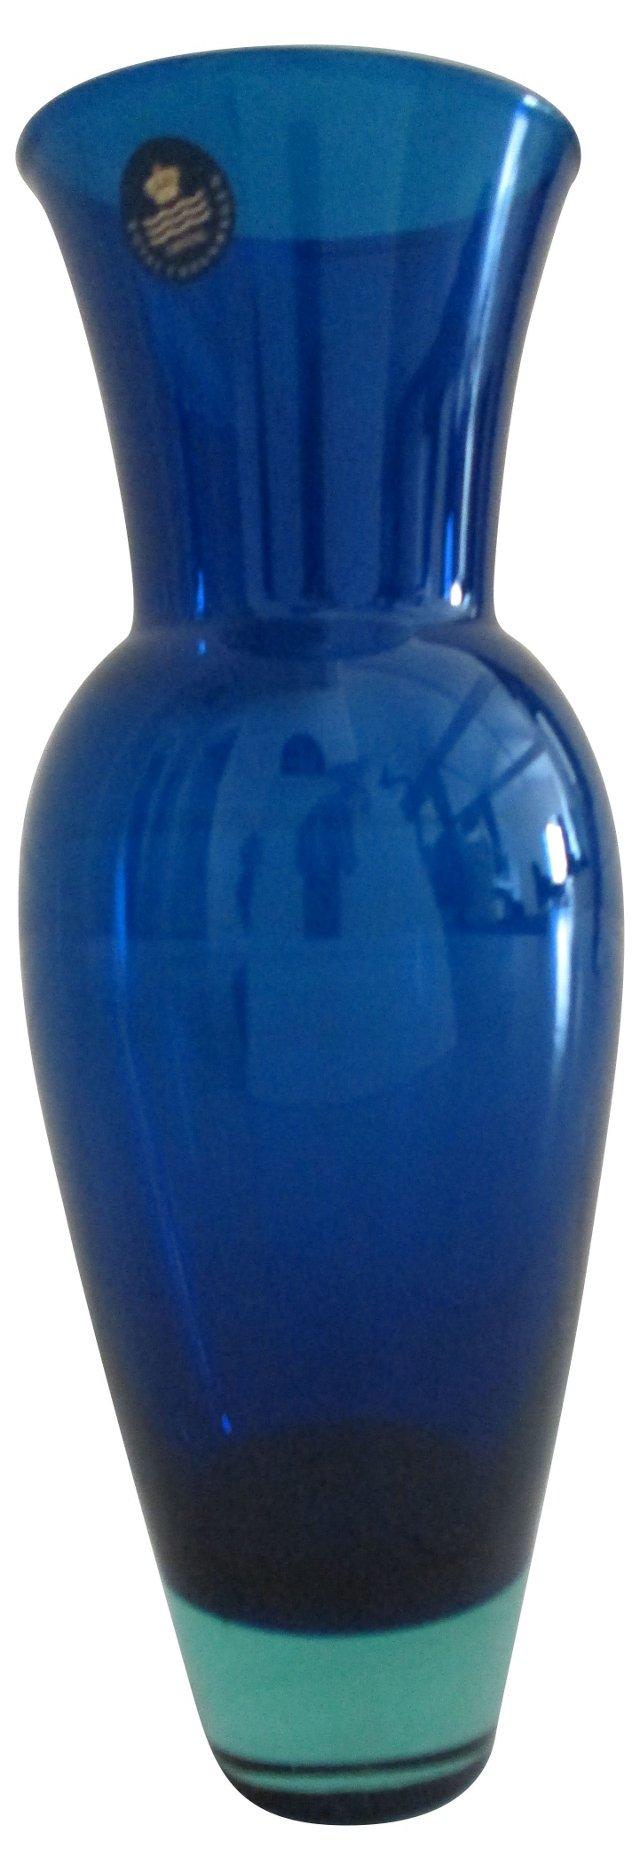 Royal Copenhagen Glass Vase